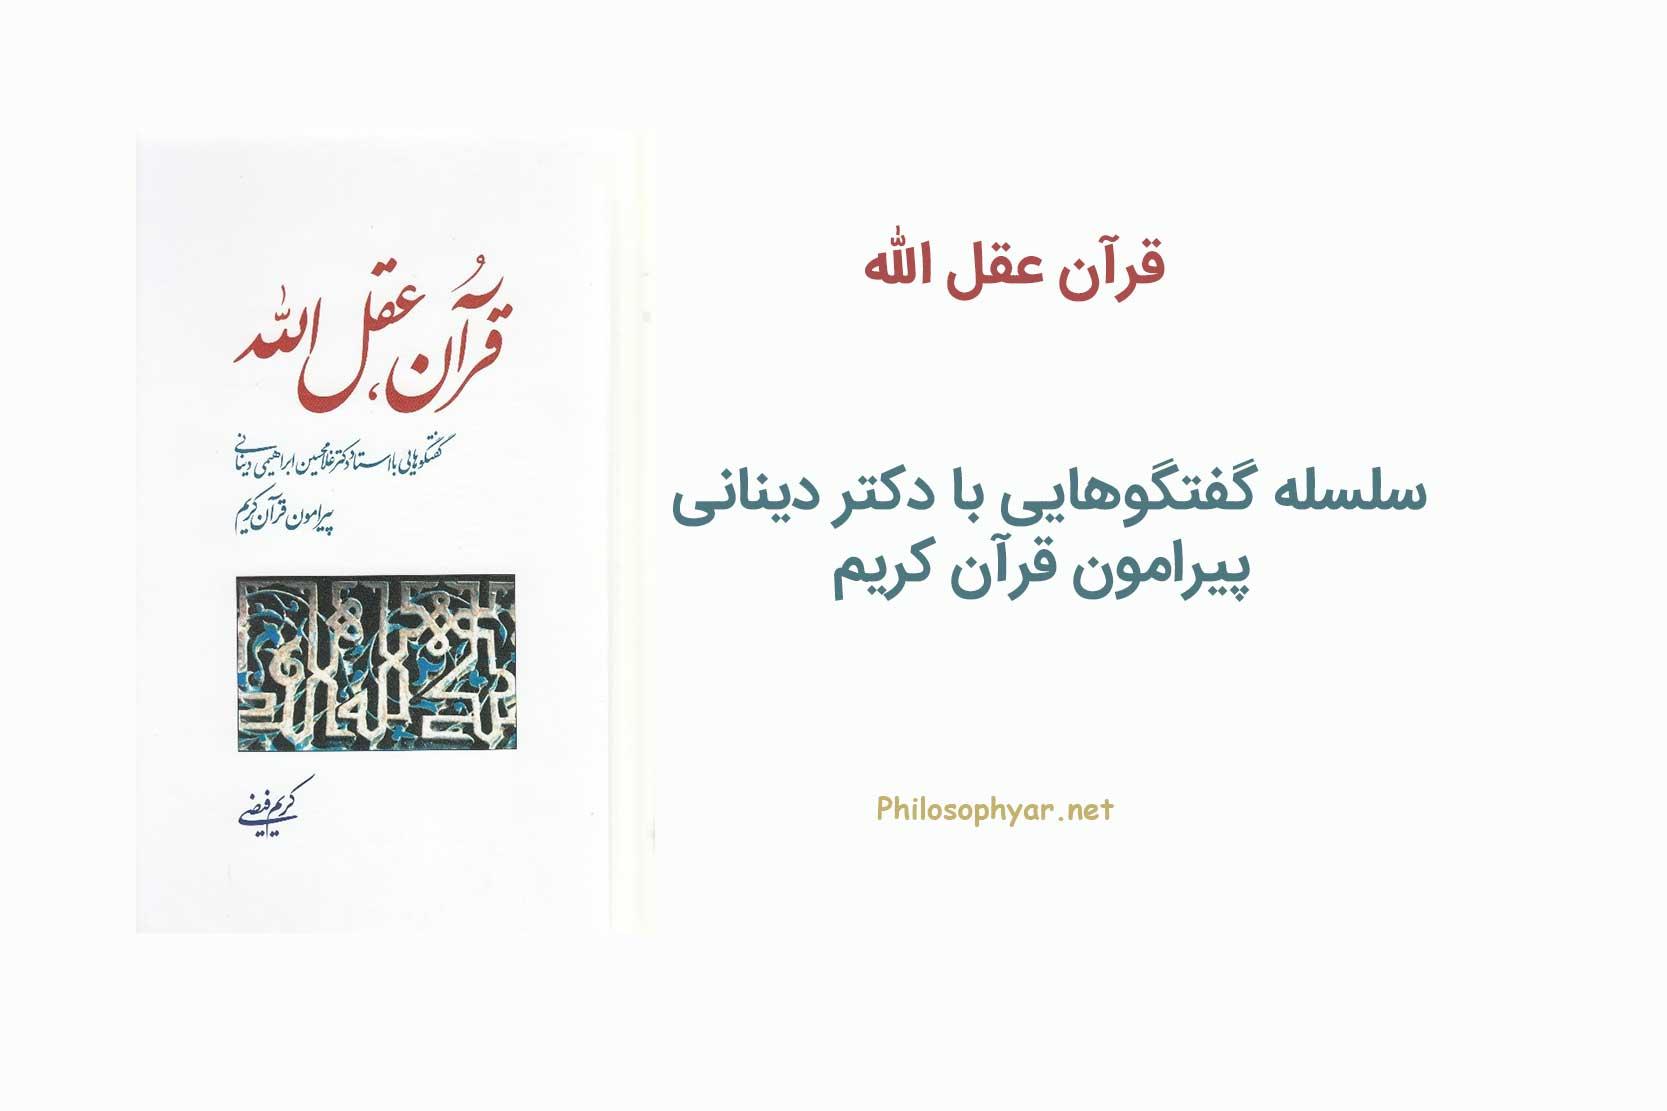 قرآن عقل الله